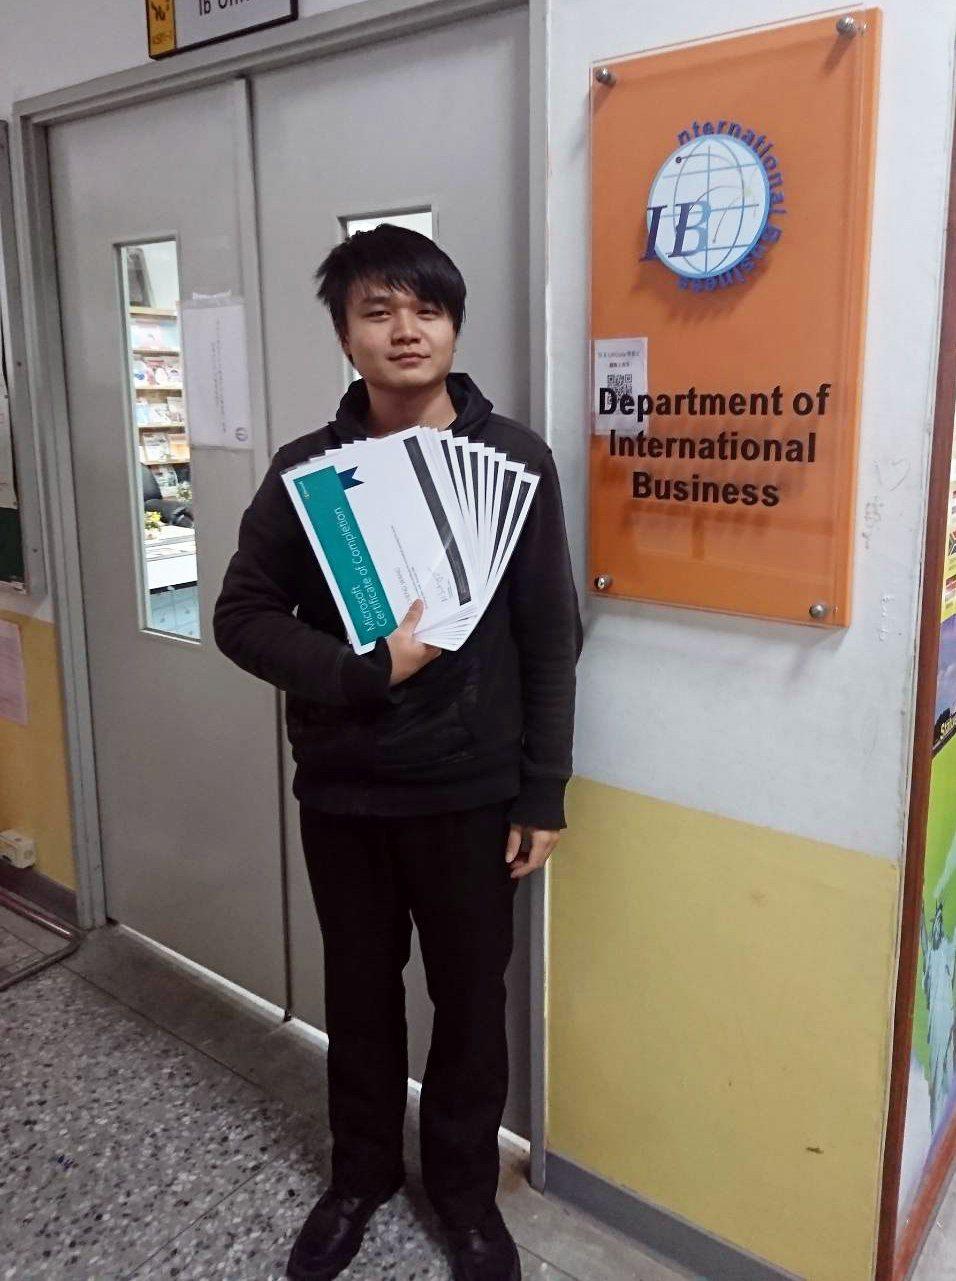 龍華科大國際企業系學生王志誠,獲得微軟線上學習認證共10門課程全數通過。龍華科大...